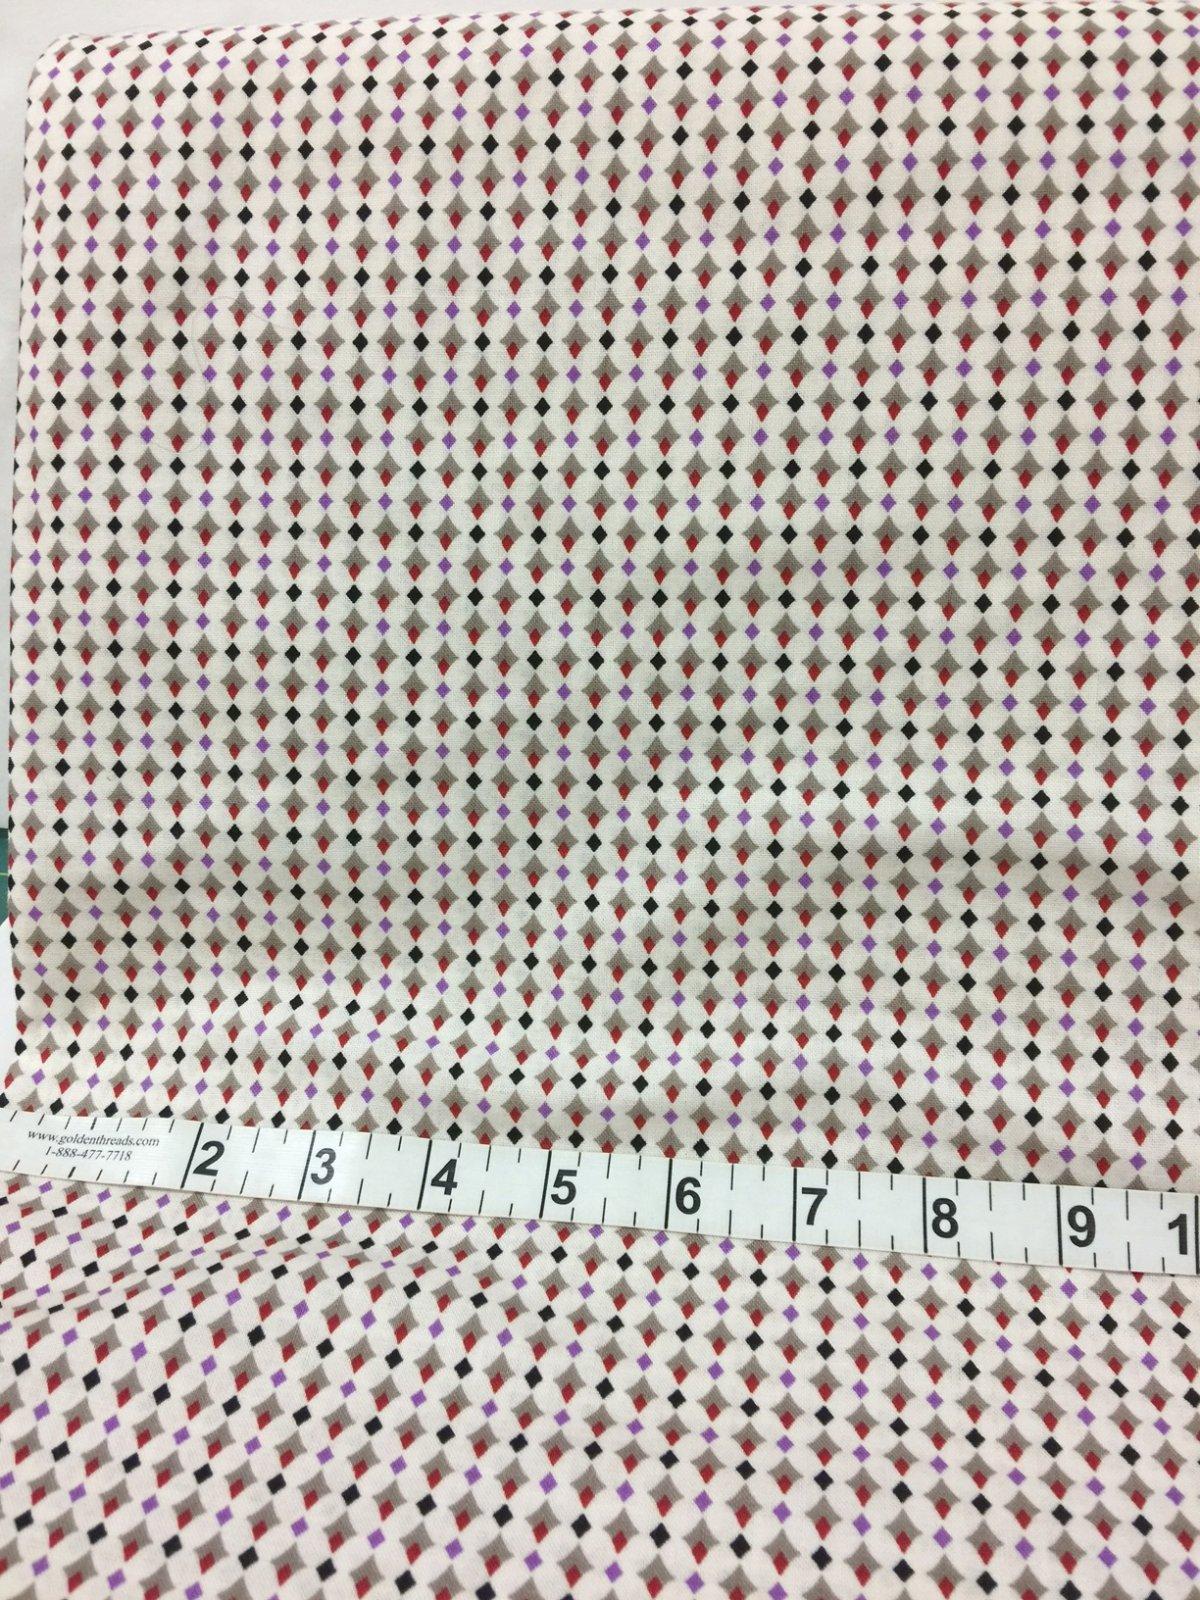 Red/Black/Purp. Diamonds Fabric